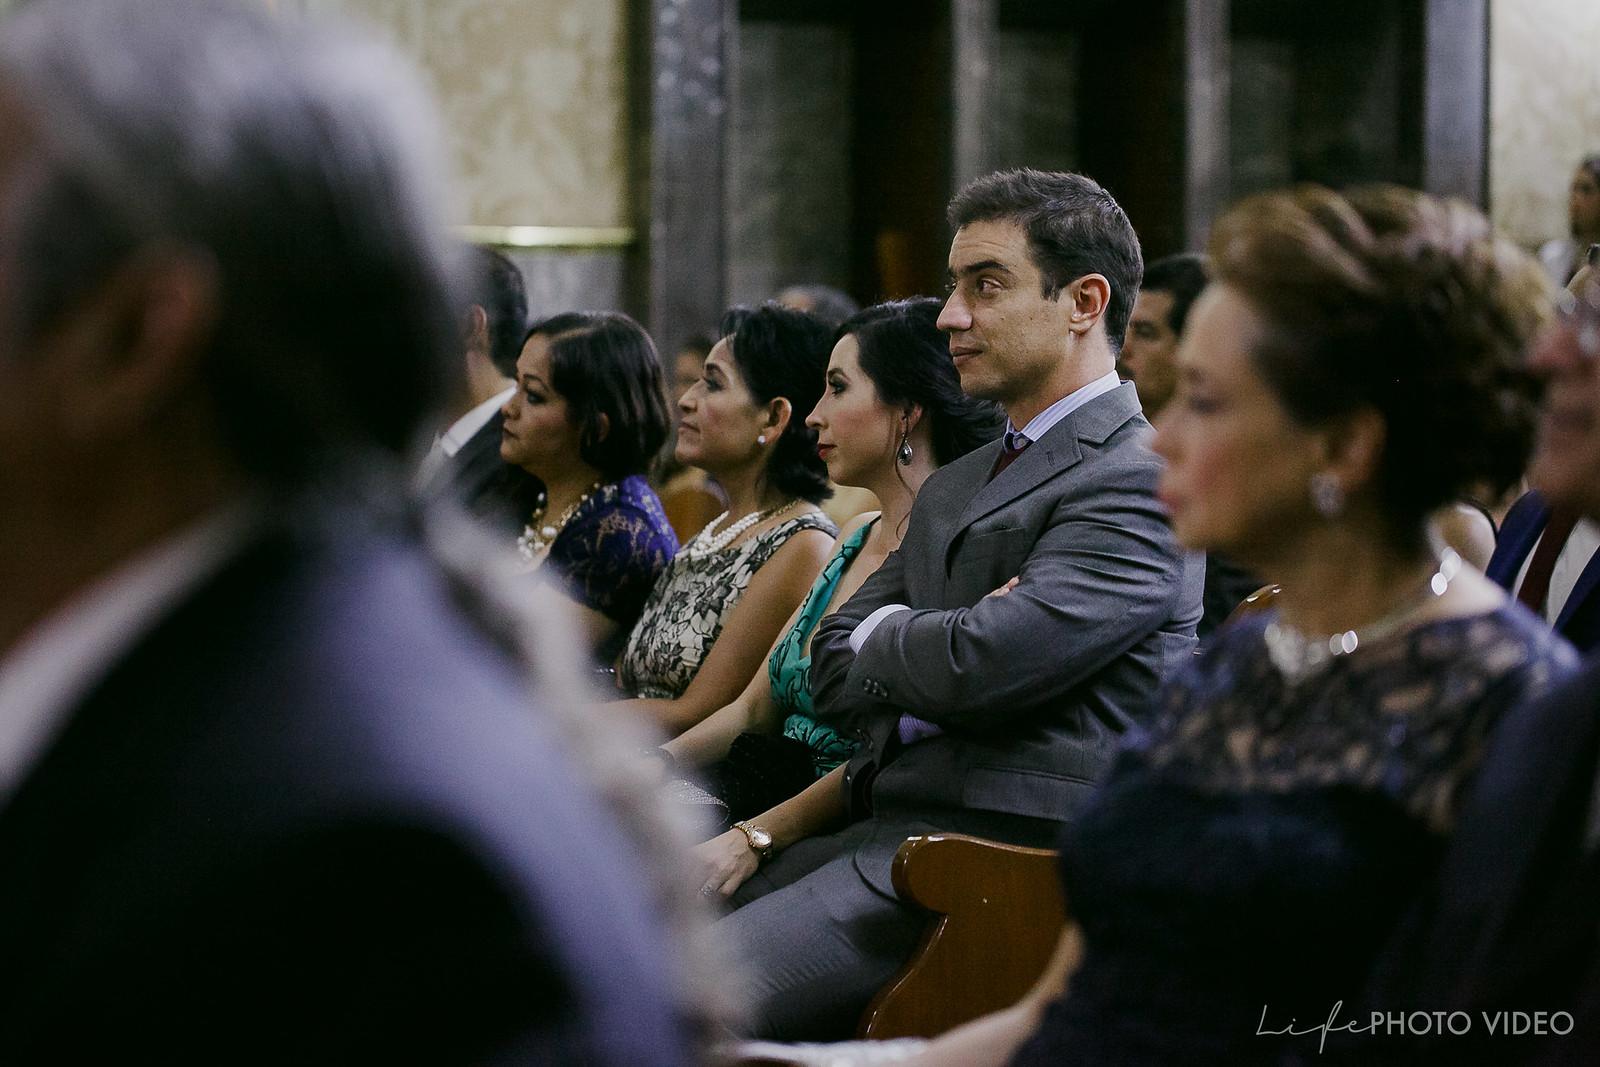 Boda_Leon_Guanajuato_Wedding_0063